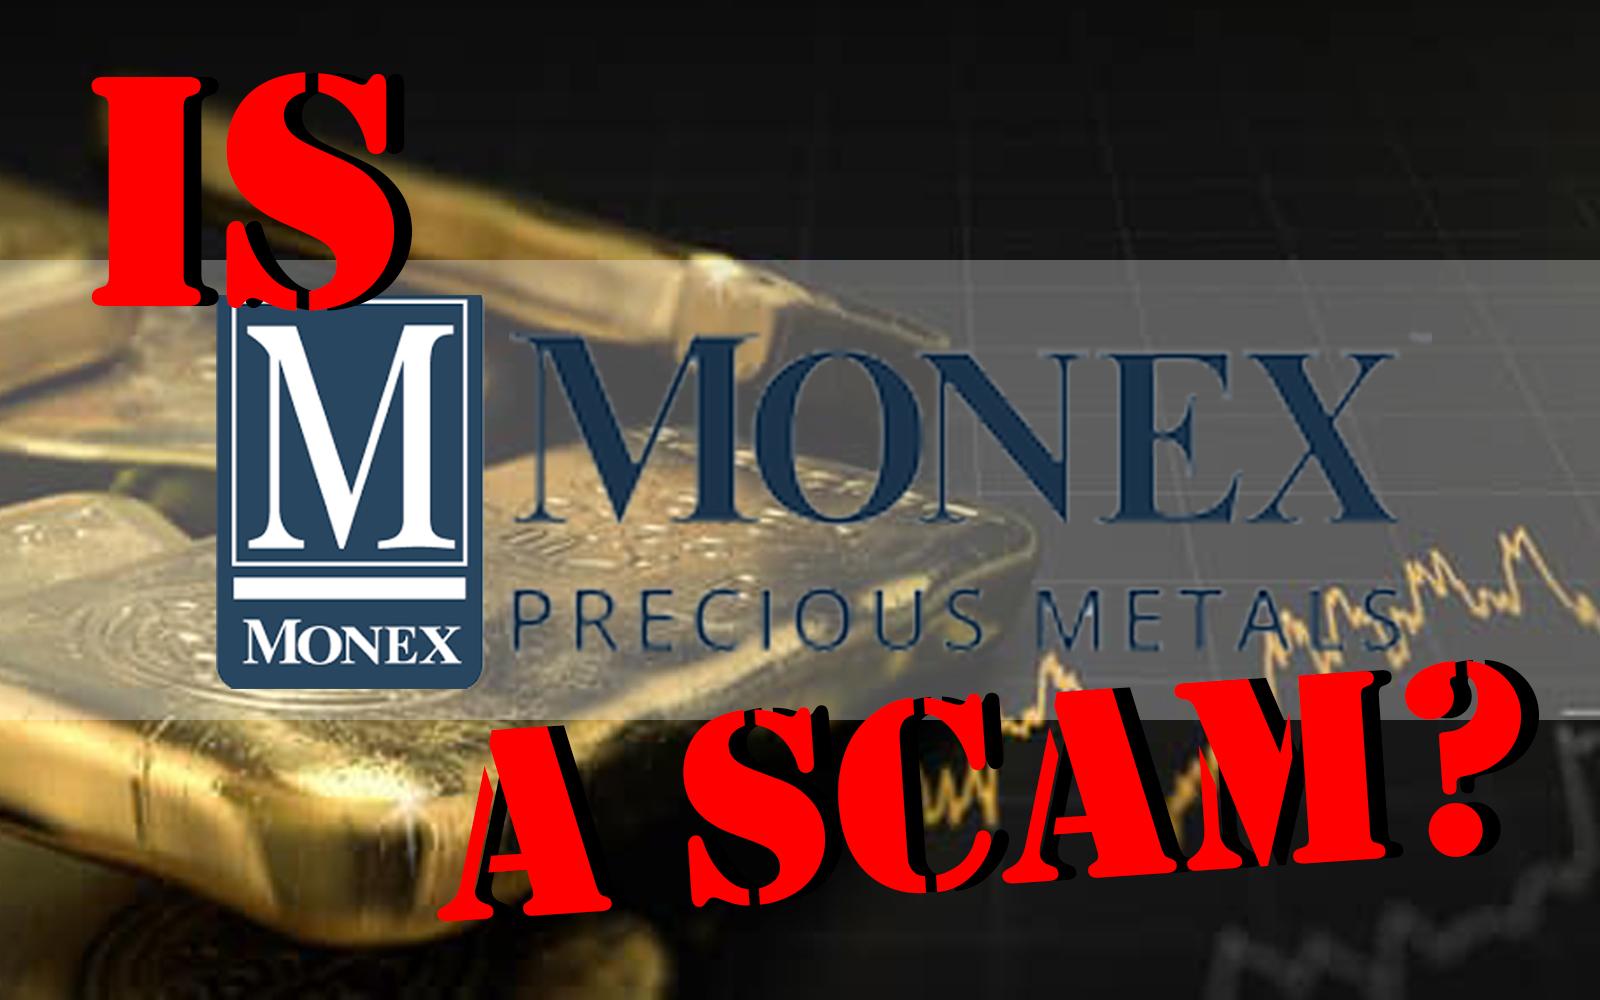 Is Monex a Scam?